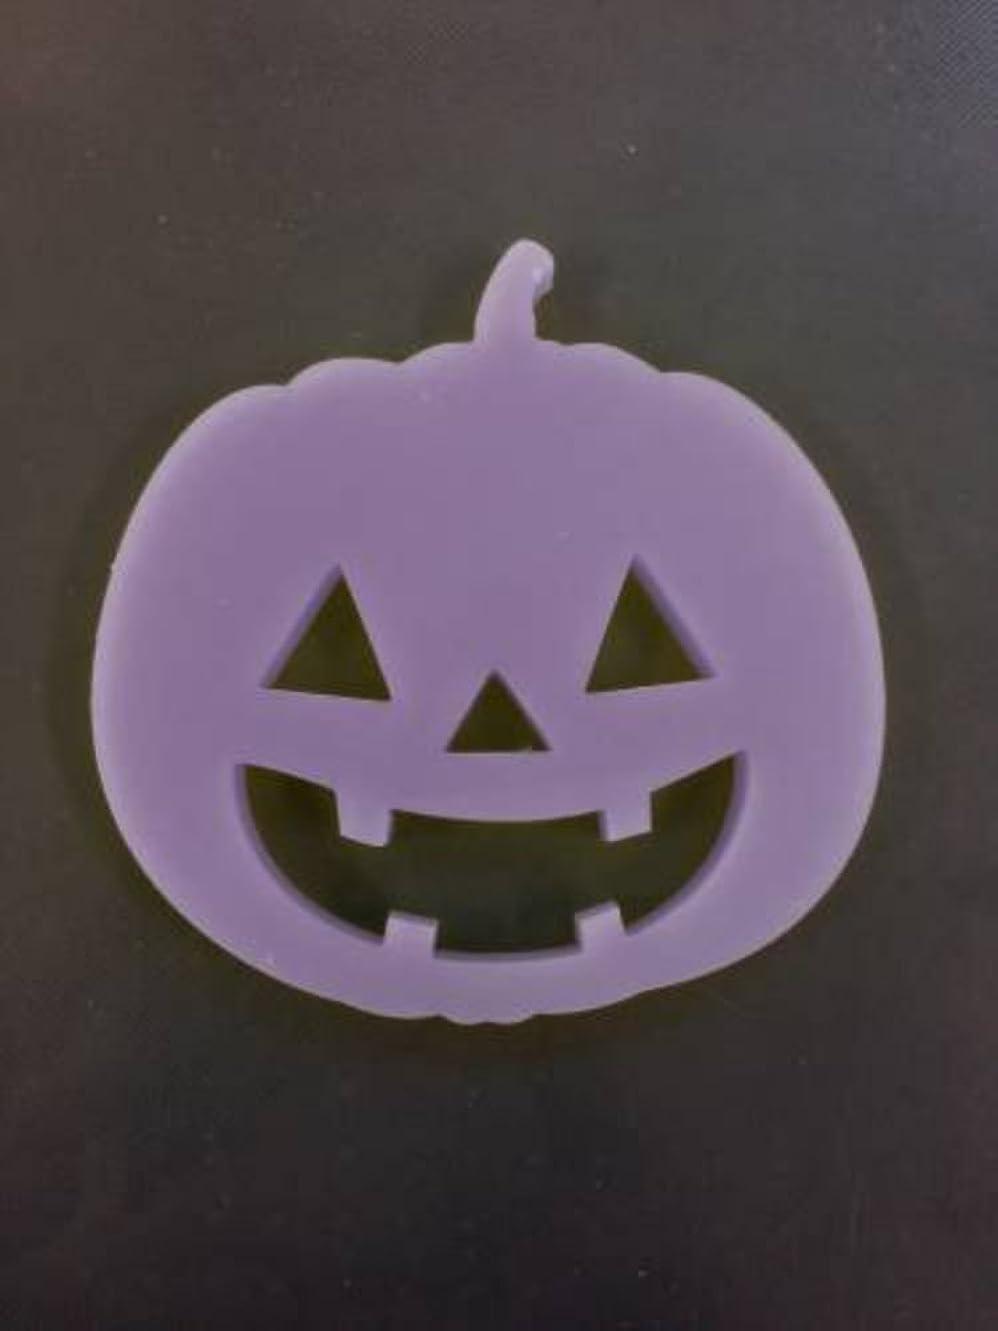 洞窟にレッドデートGRASSE TOKYO AROMATICWAXチャーム「ハロウィンかぼちゃ」(PU) ラベンダー アロマティックワックス グラーストウキョウ